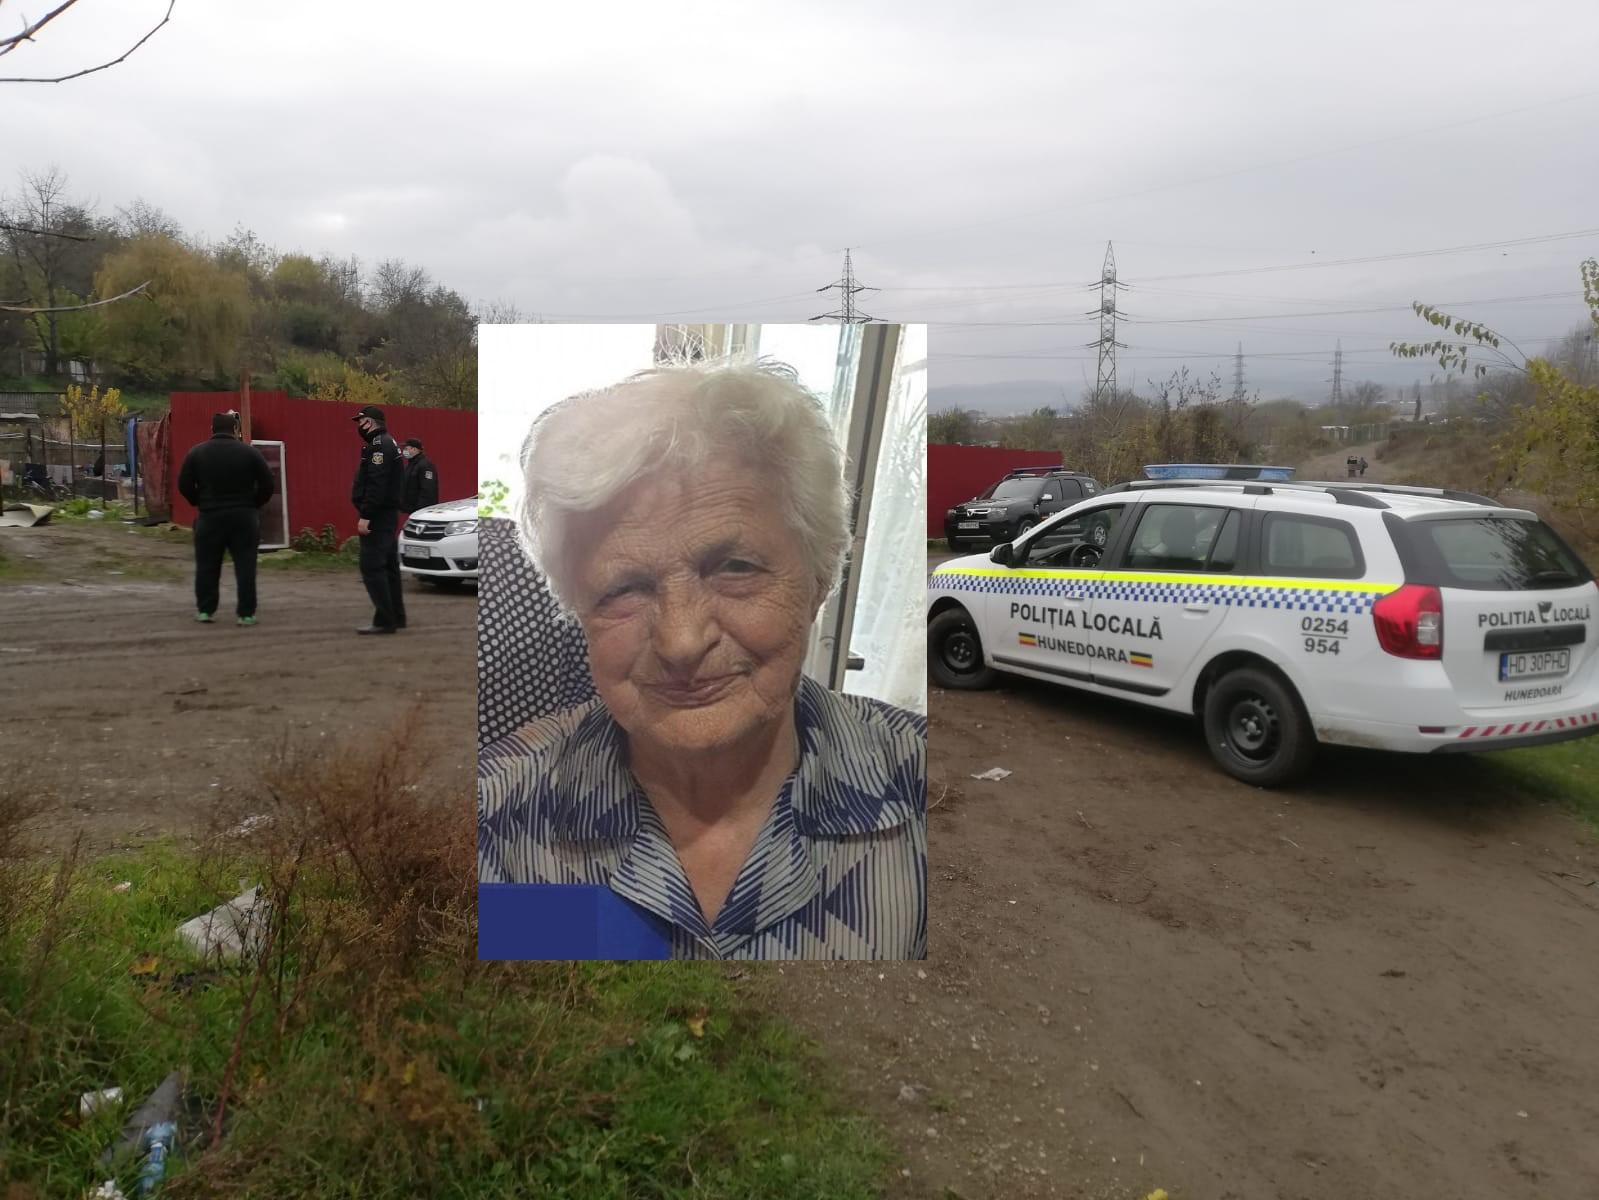 Bunicuța din Hunedoara, dată dispărută de 10 zile, a fost găsită fără suflare în zona combinatului